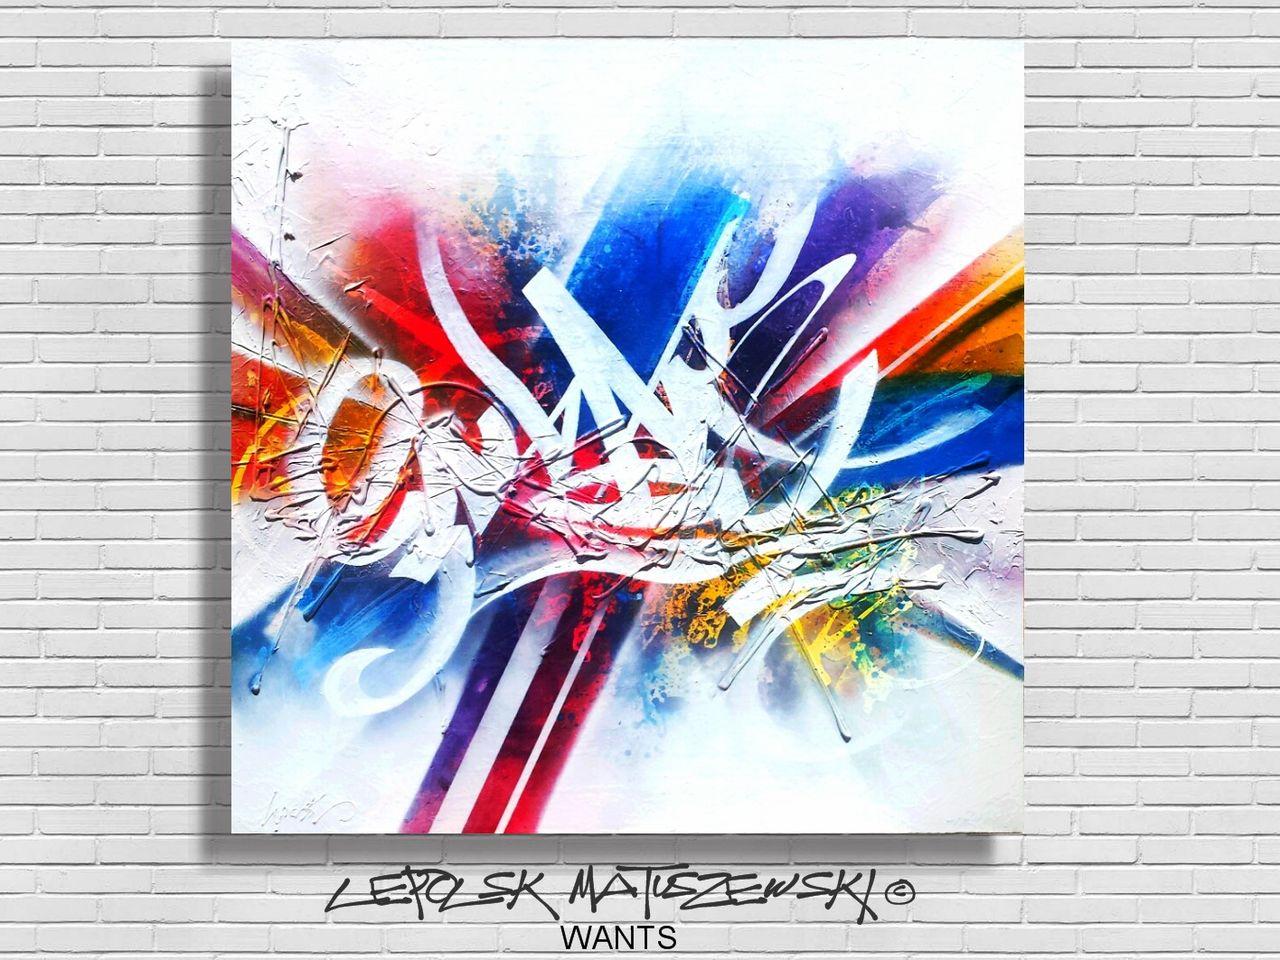 MK  Lepolsk Matuszewski WANTS  ( expressionnisme abstrait contemporain graffiti )